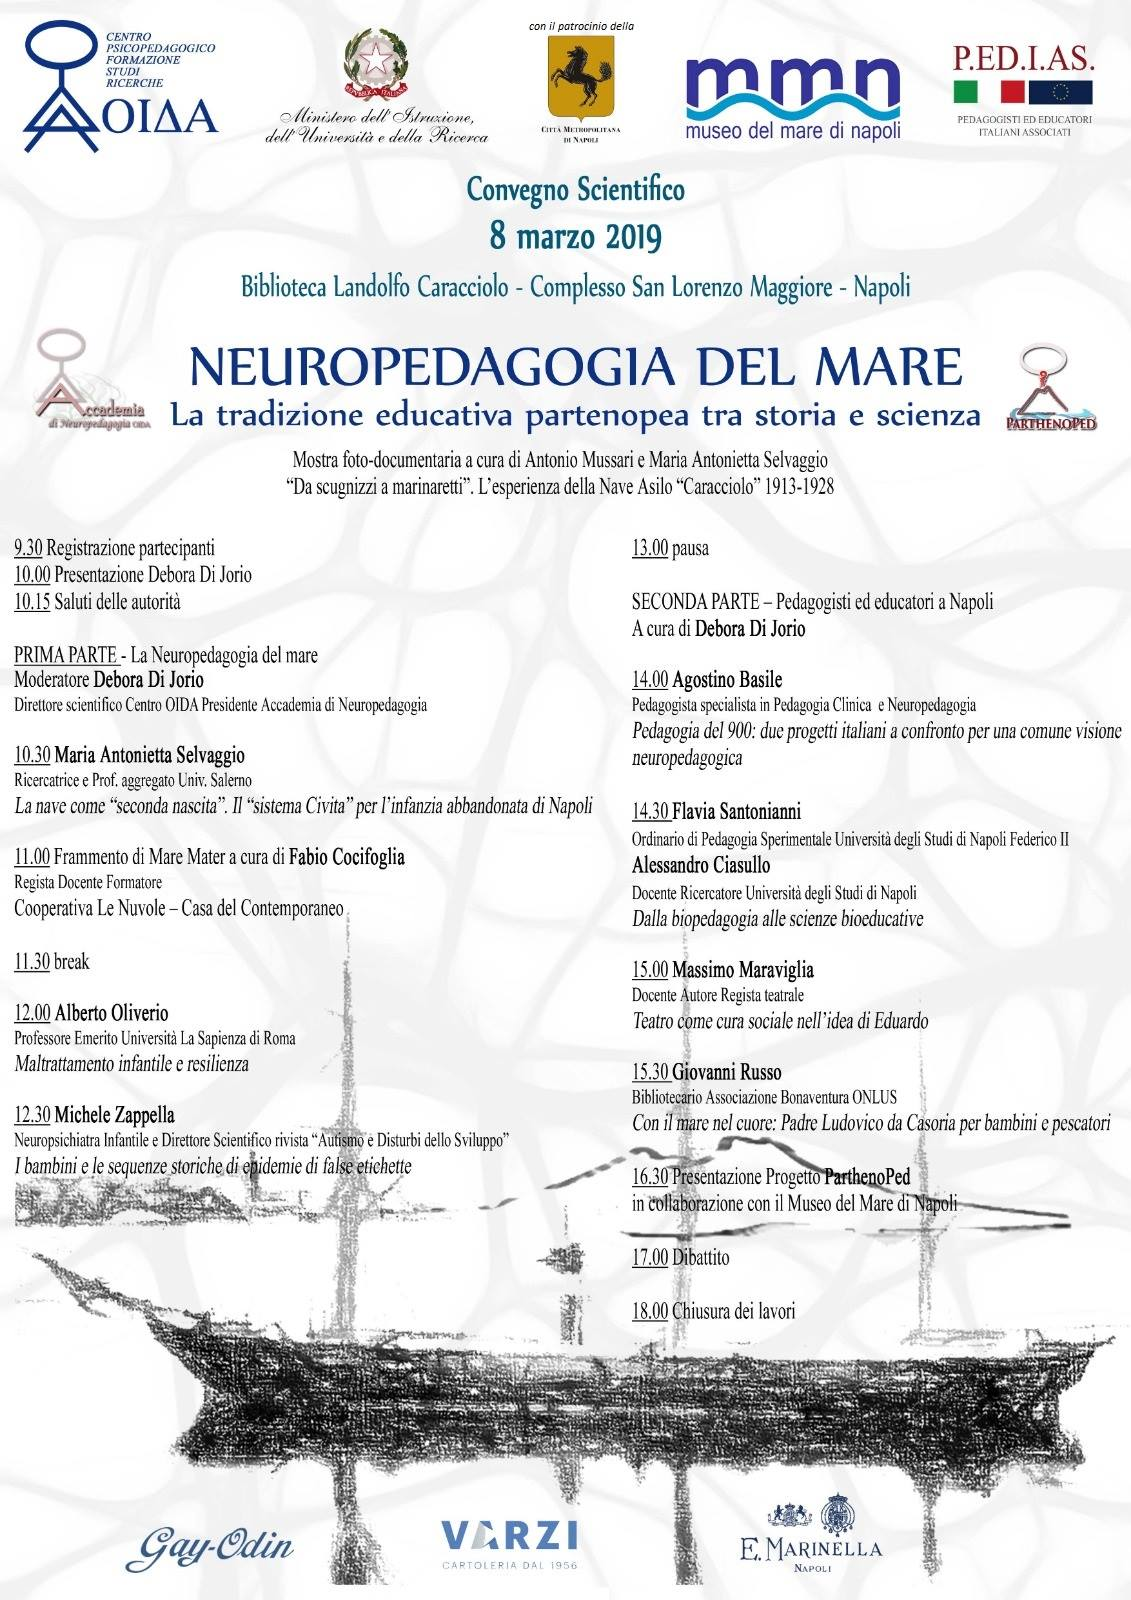 """Napoli. Un convegno per educatori e pedagogisti per ricordare la """"Montessori del mare"""""""